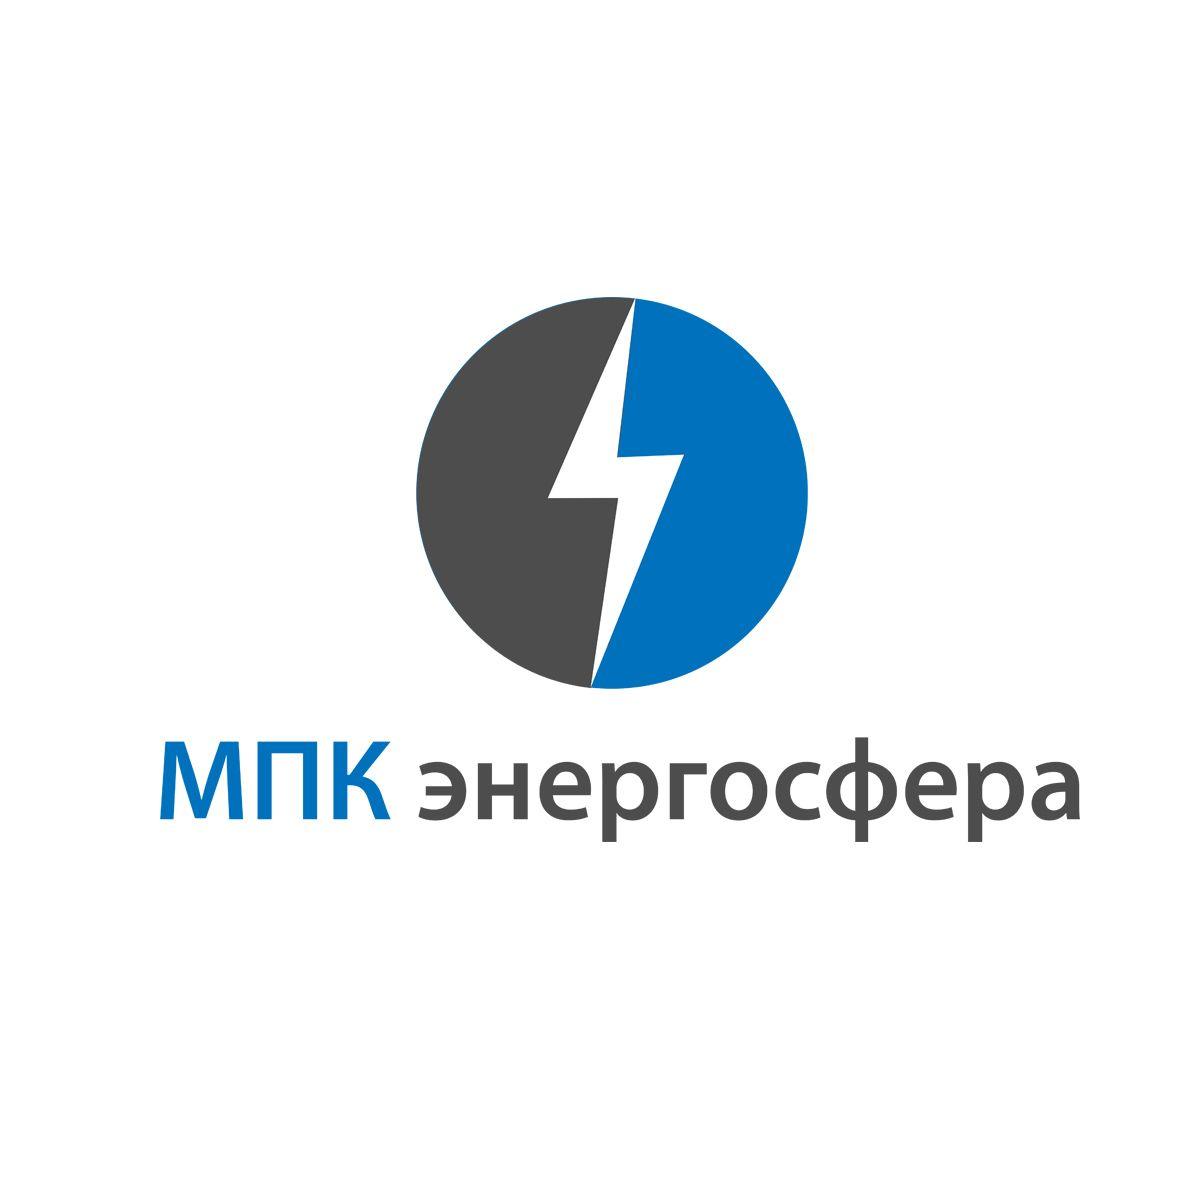 Фирменный стиль для МПК Энергосфера - дизайнер maxpetrov1